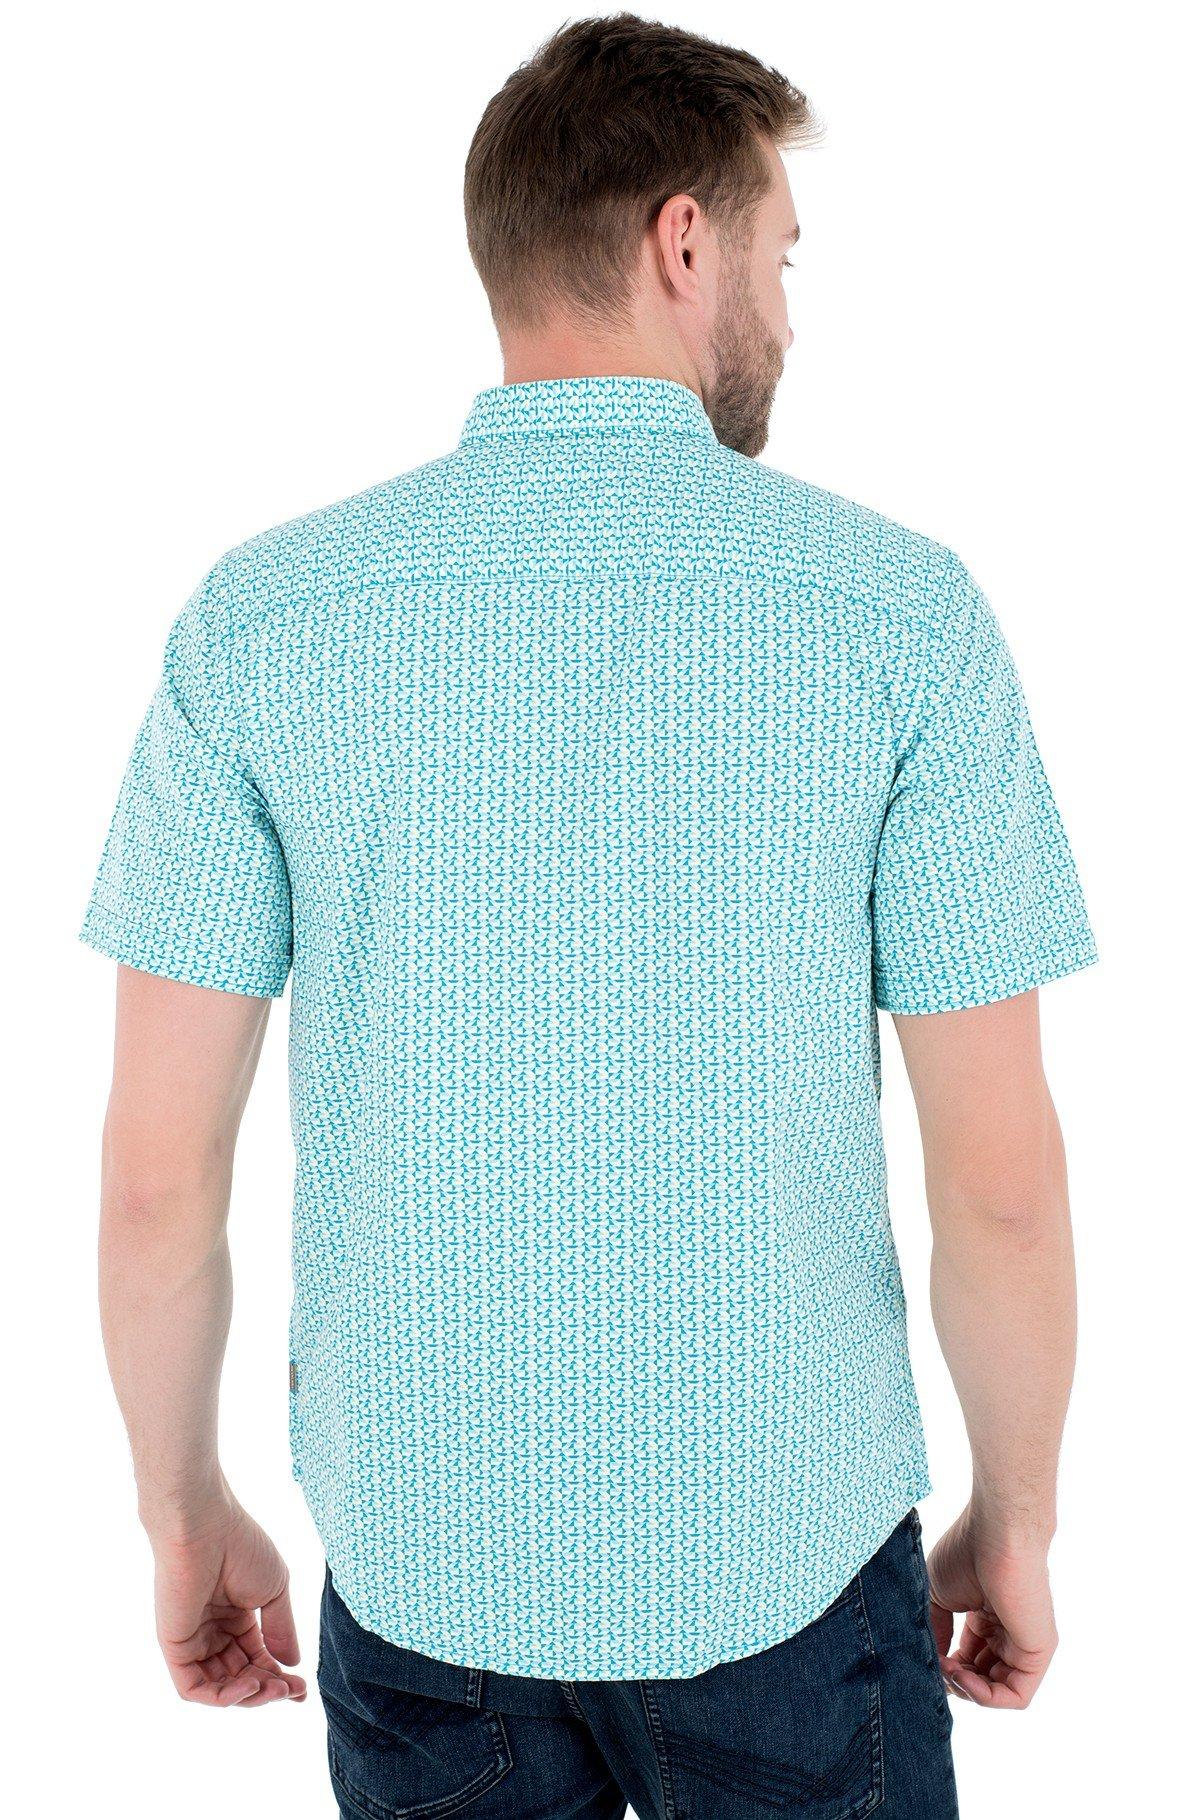 Short sleeve shirt 1025216-full-2